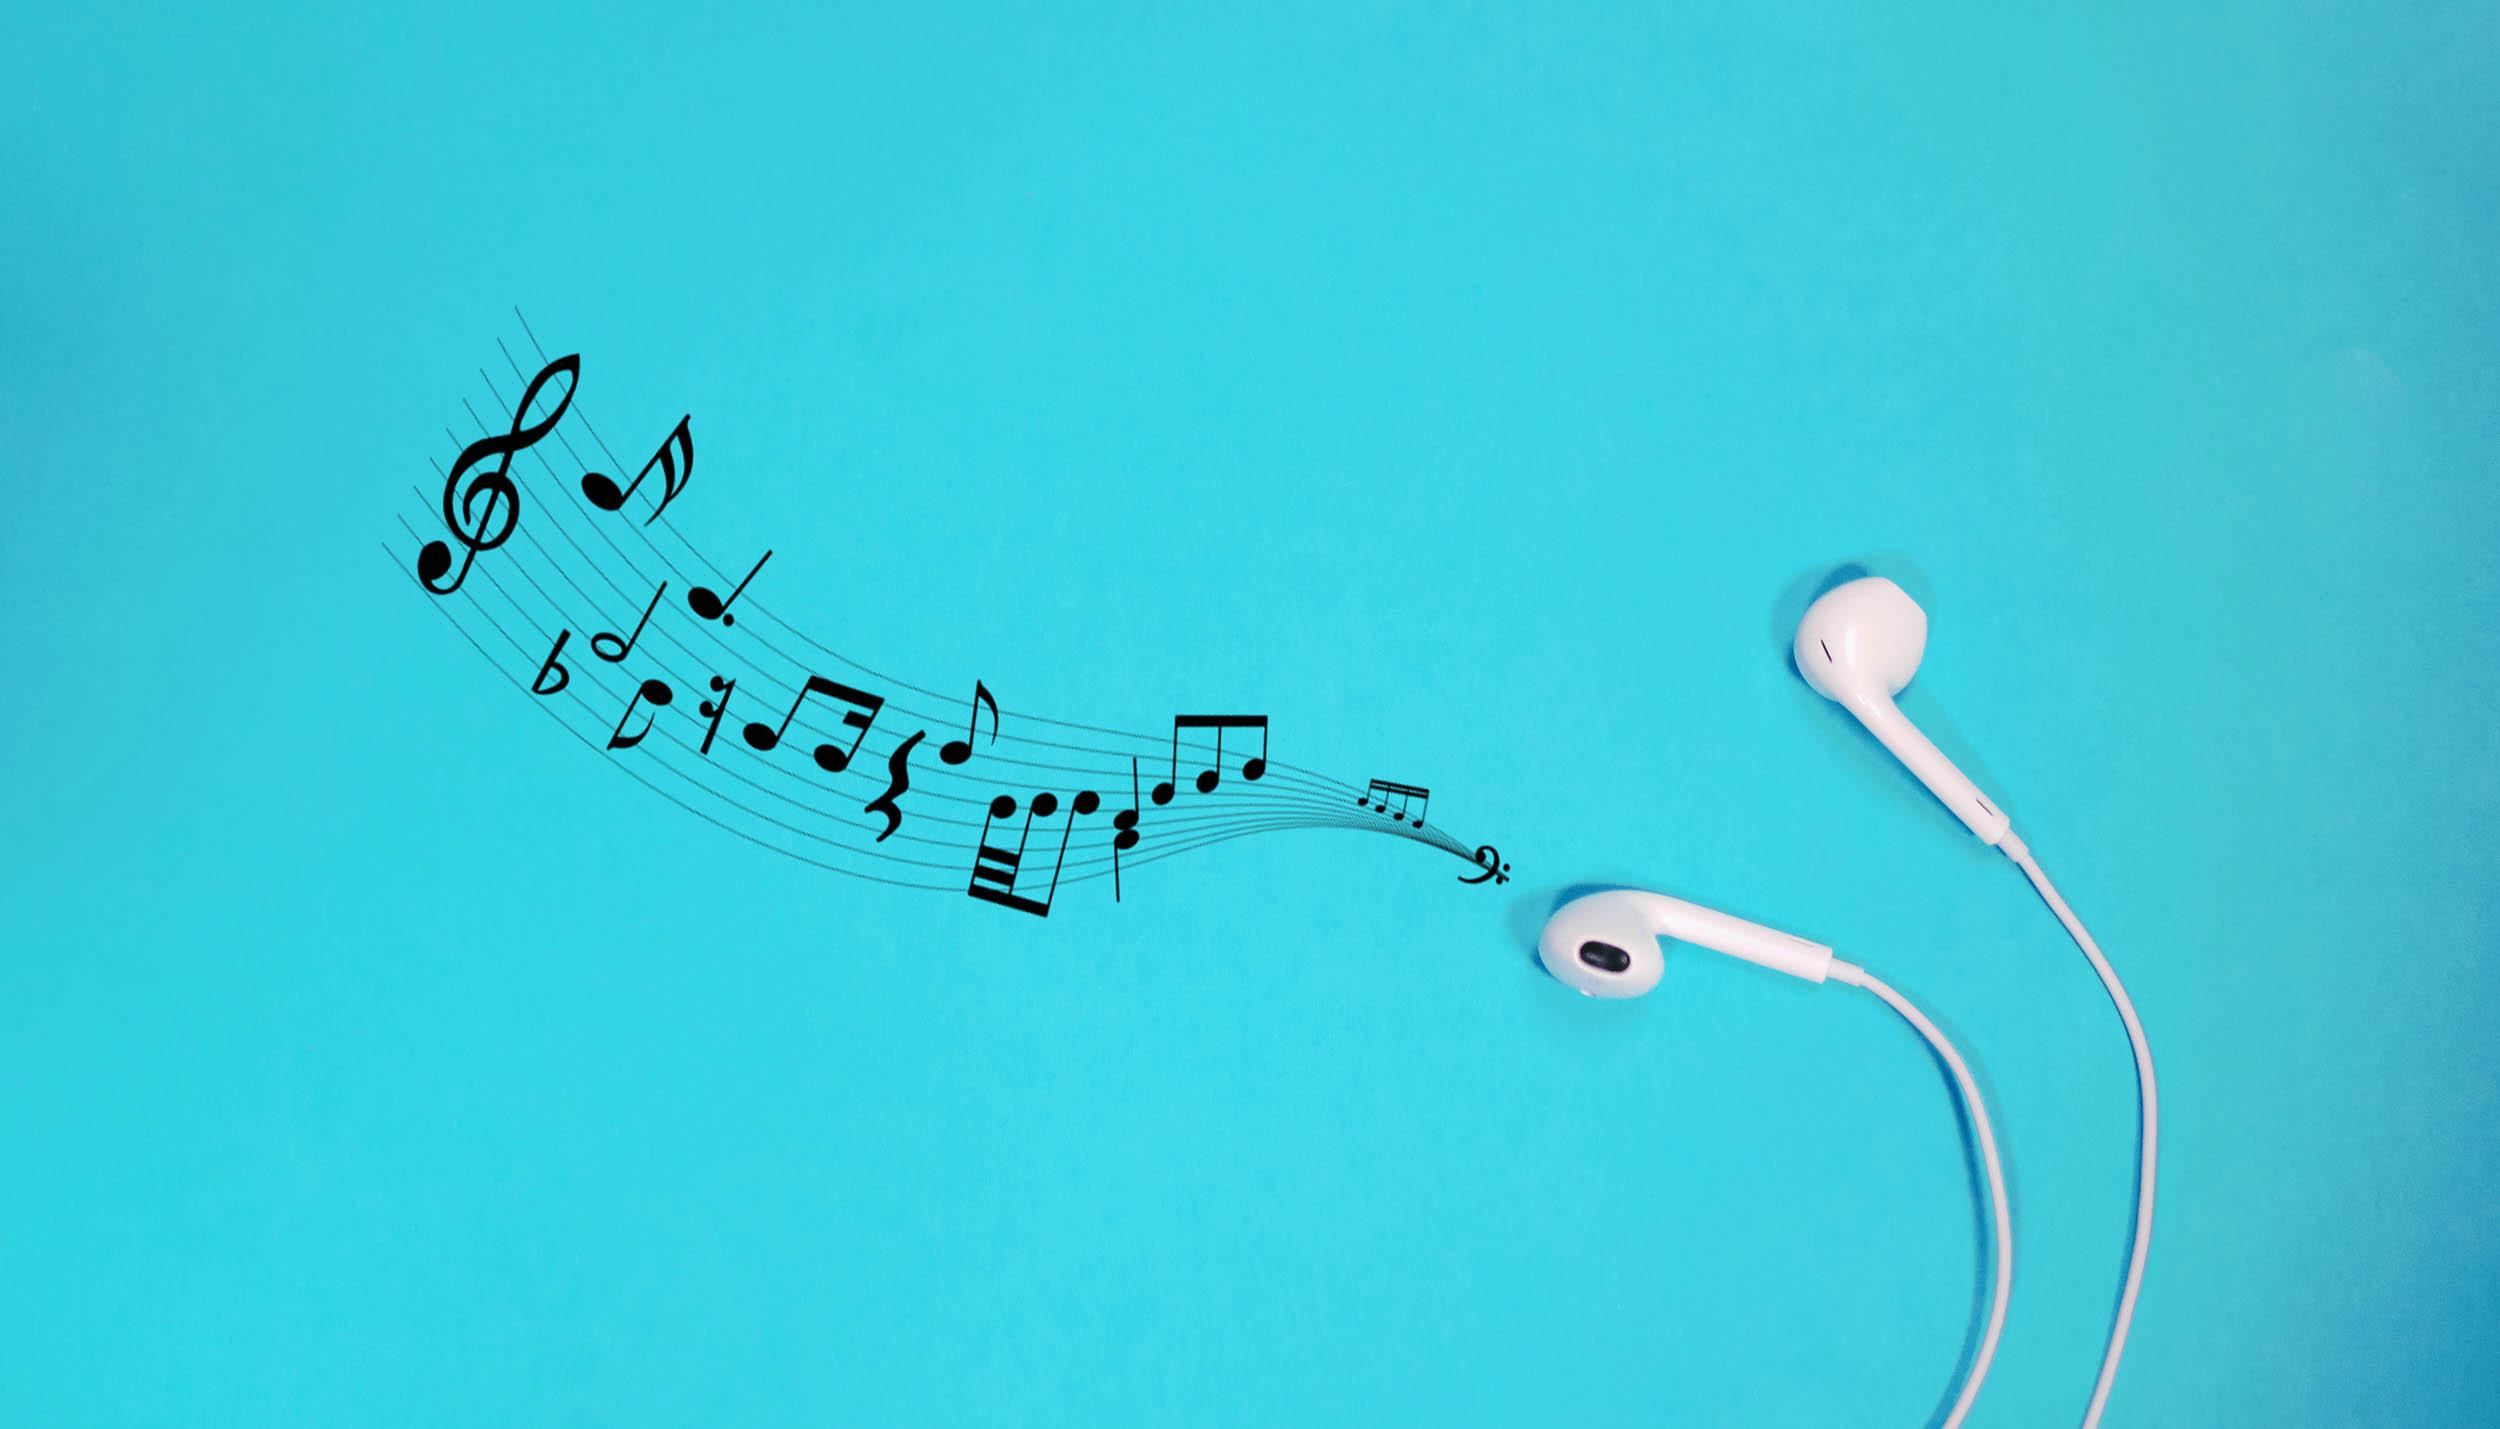 【深度】腾讯音乐的社交地基